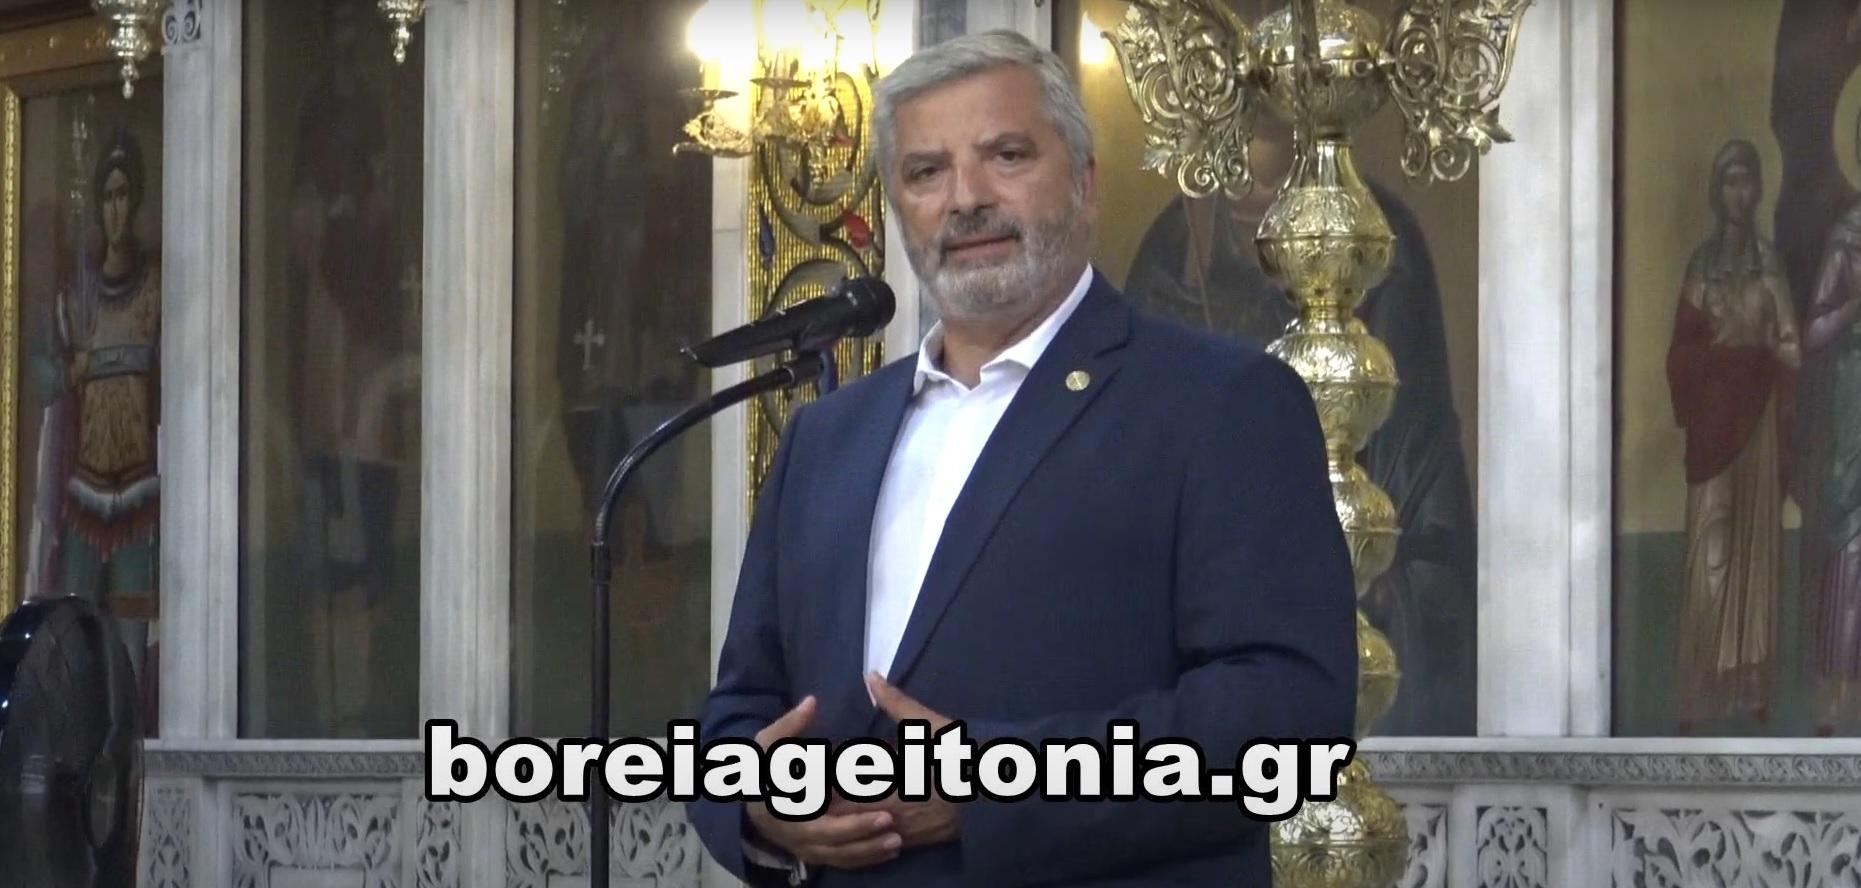 Γιώργος Πατούλης: Η ομιλία του στην κηδεία του Θάνου Βεζυργιάννη